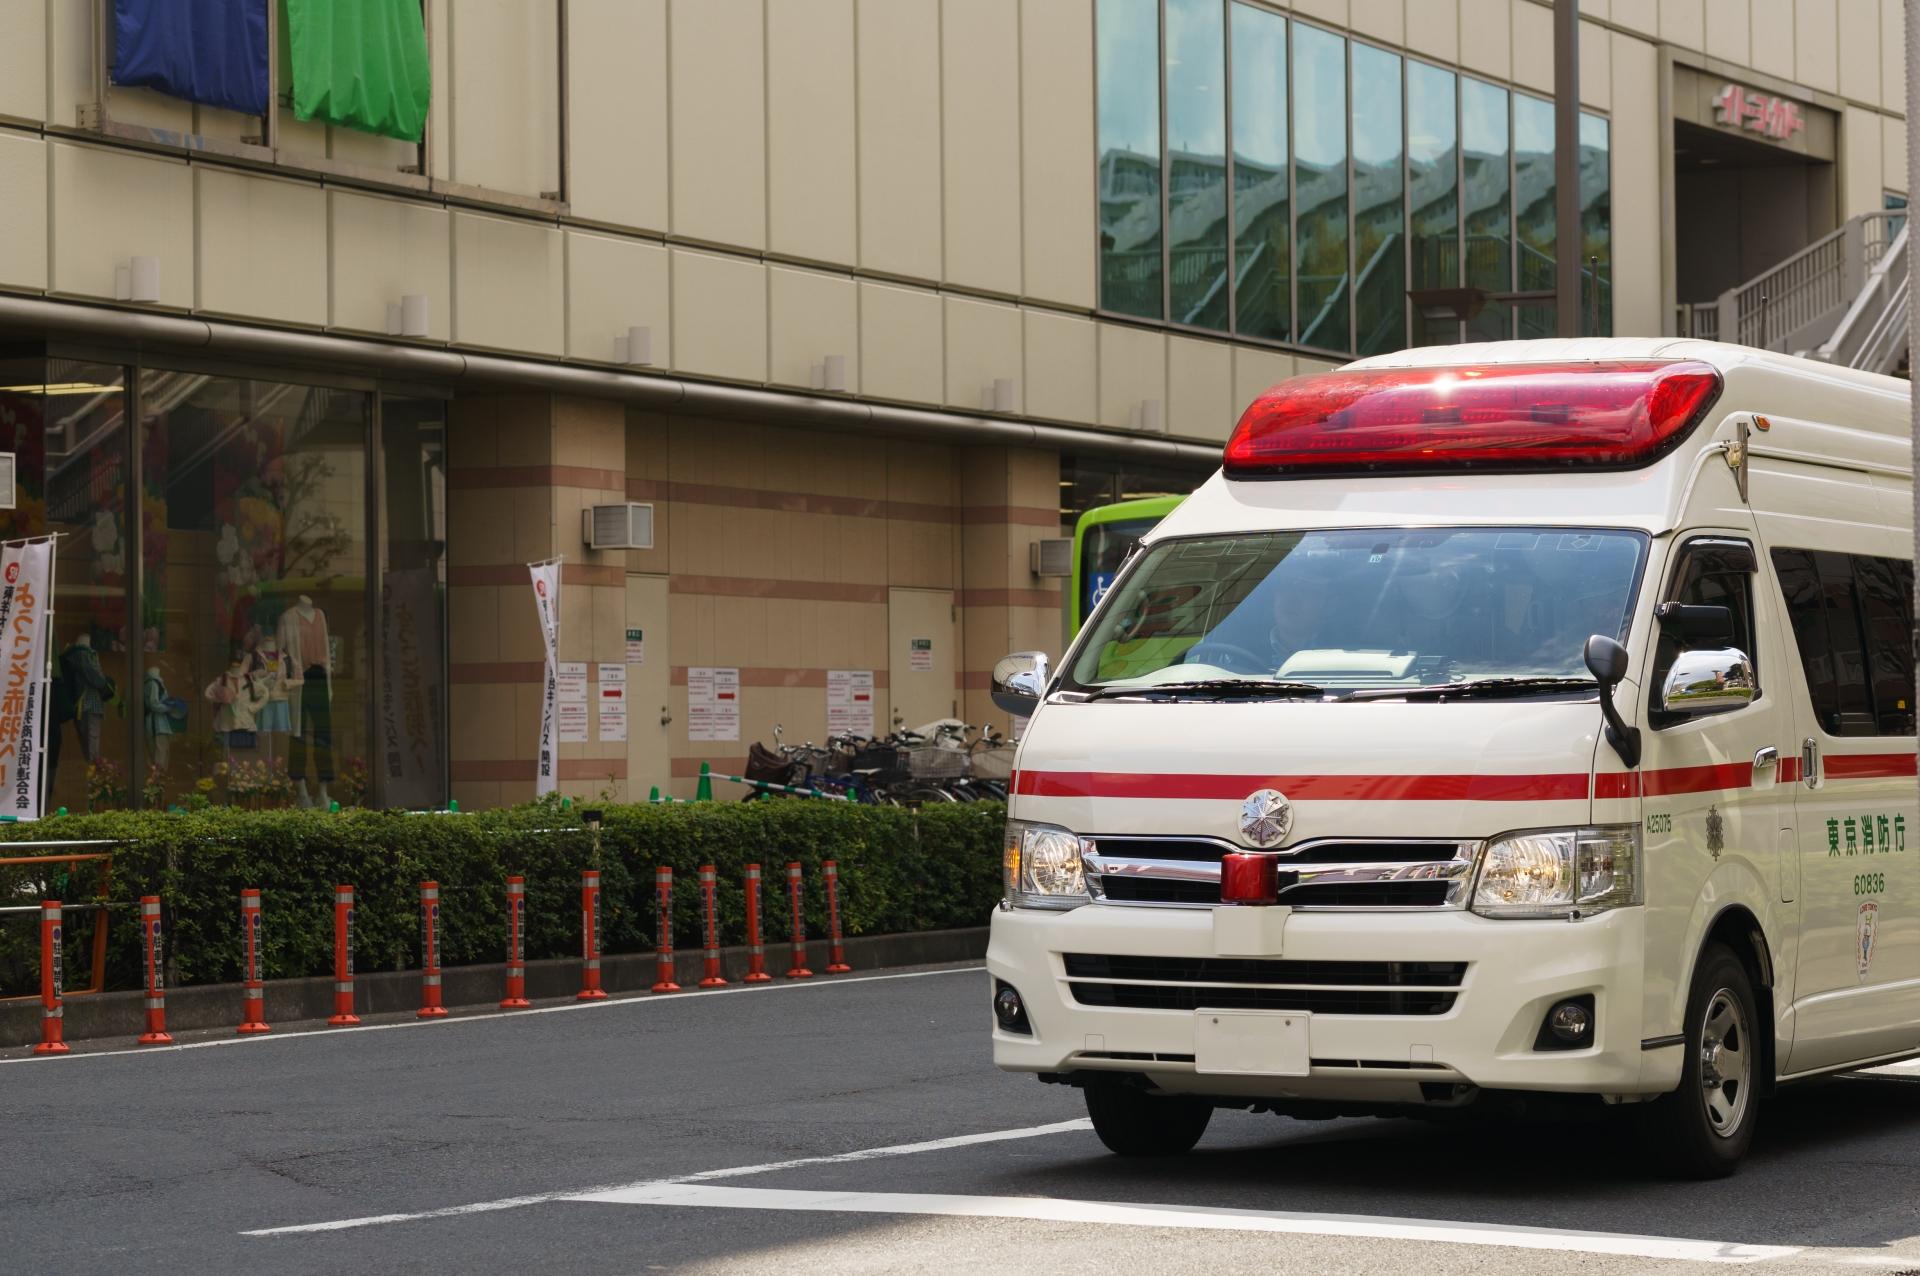 救急車 救急出動 救急車の不正利用 消防本部 搬送人数 救急車有料化 ジーネット株式会社